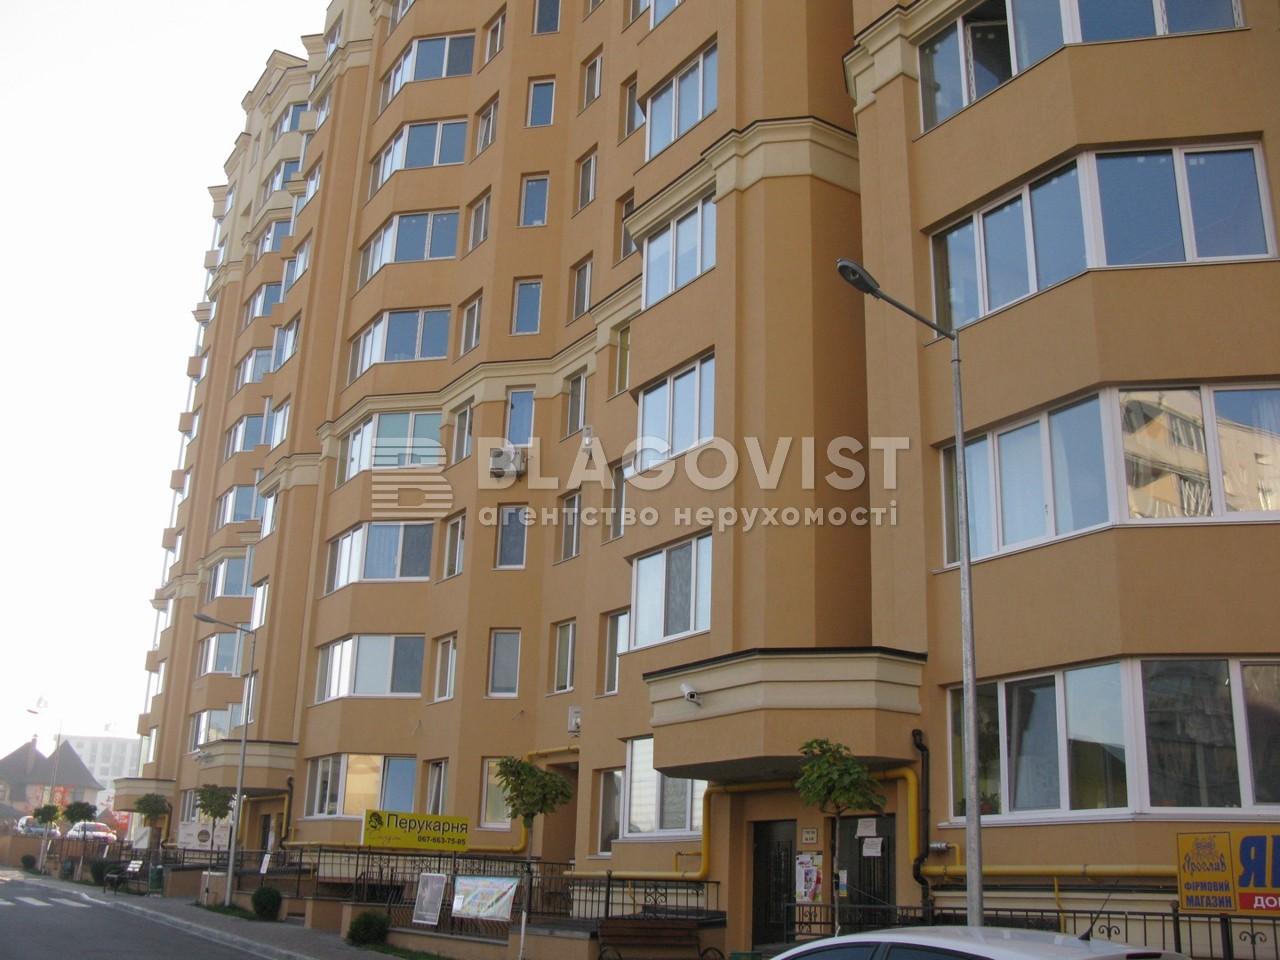 Квартира D-28431, Леси Украинки, 28, Софиевская Борщаговка - Фото 3